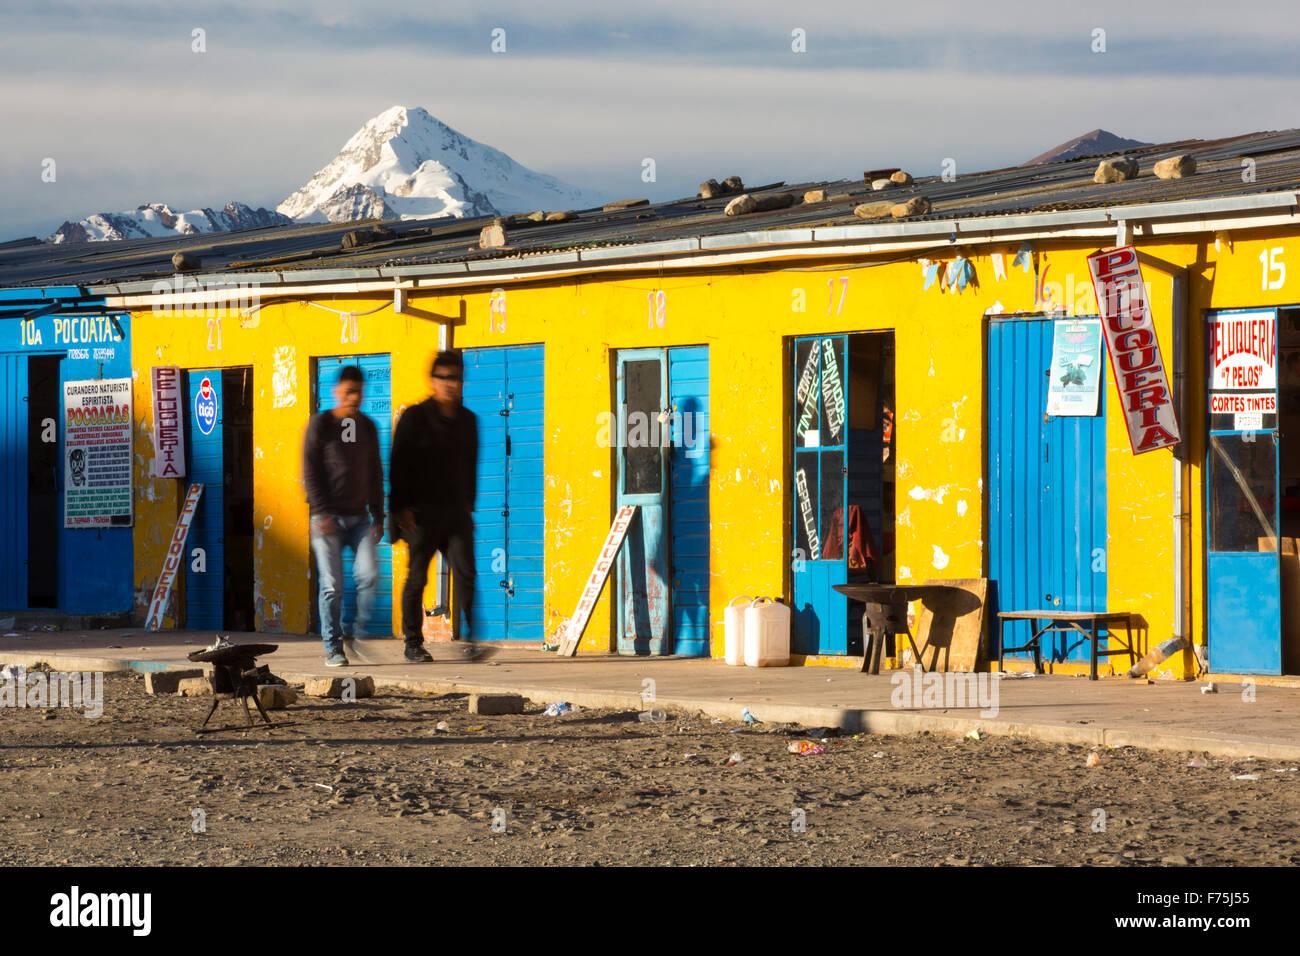 Il picco di Huayna Potosi da El Alto sopra, La Paz, Bolivia. La Paz e El Alto sono criticamente a corto di acqua e probabilmente sarà la prima città capitale del mondo che dovrà essere in gran parte abbandonato a causa di mancanza di acqua. Essa si basa principalmente su acqua di disgelo glaciale dal circostante picchi andini, ma come il cambiamento climatico provoca i ghiacciai a fusione, si è rapidamente a corto di acqua. Foto Stock